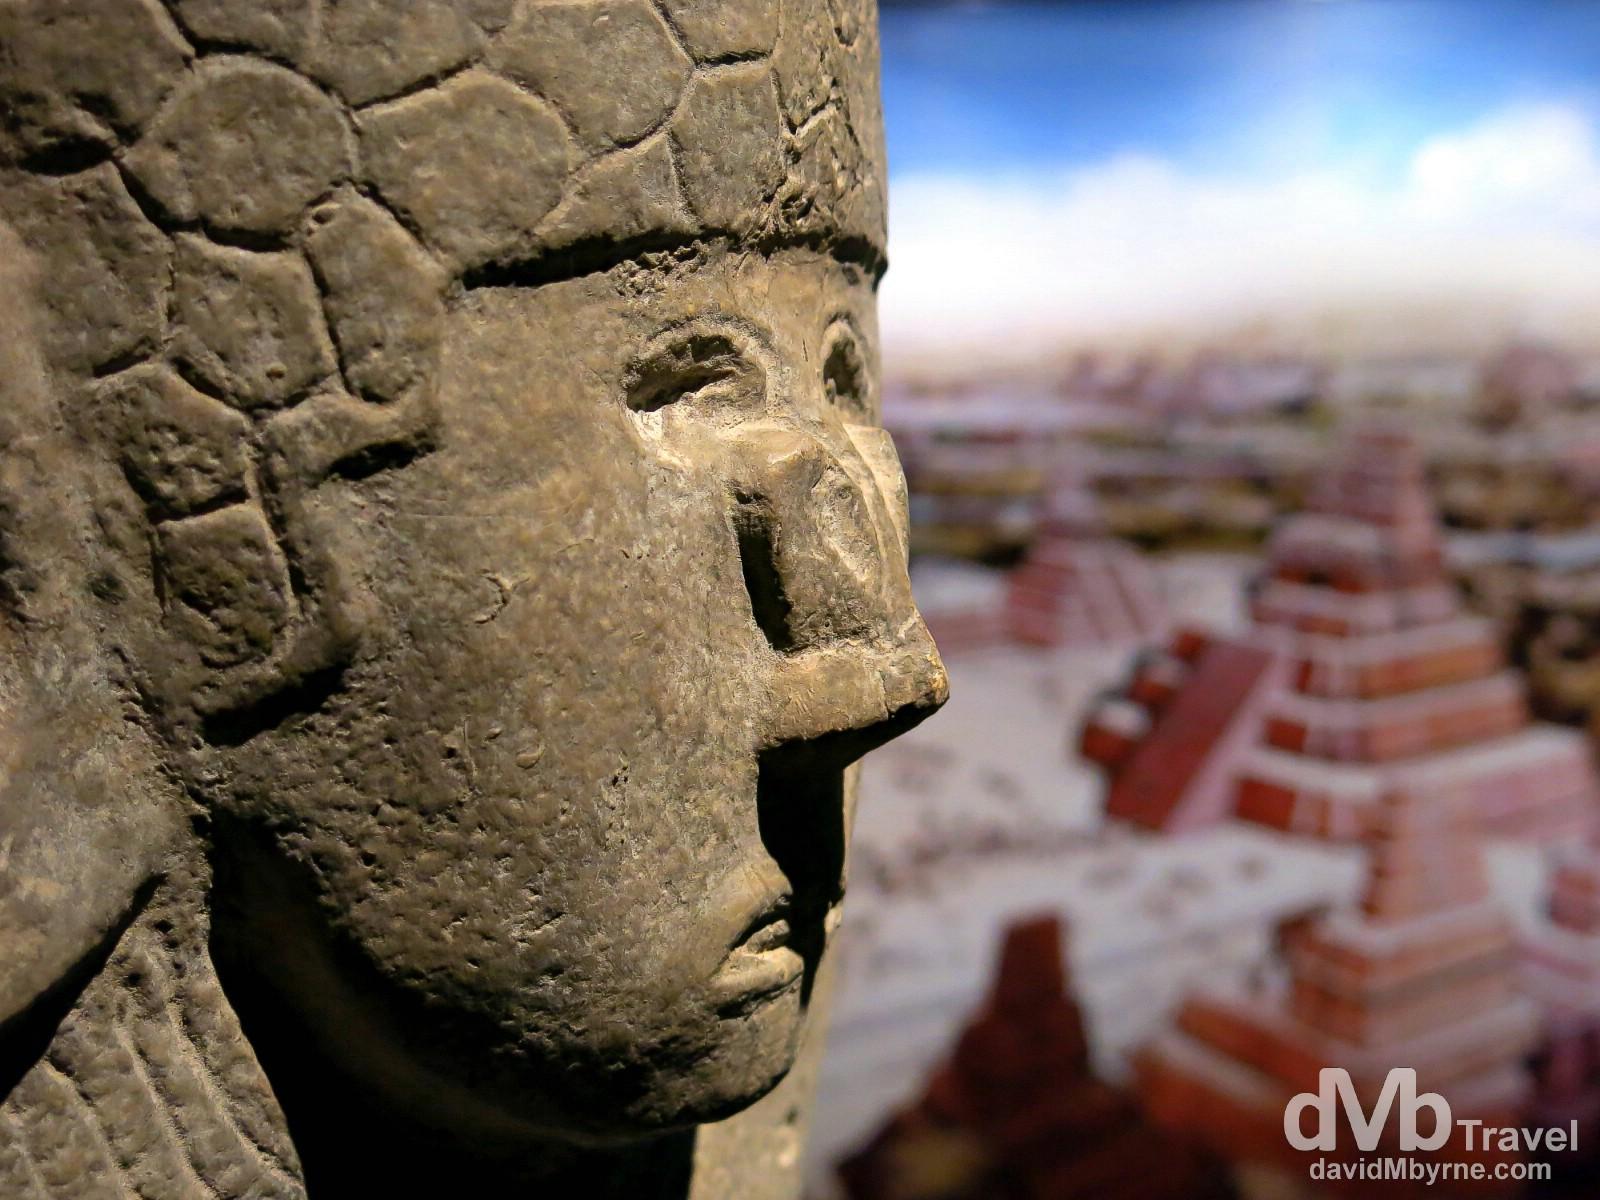 Museo de la Cultra Maya (Mayan Cultural Museum), Chetumal, Yucatan, Mexico. May 9th 2013.